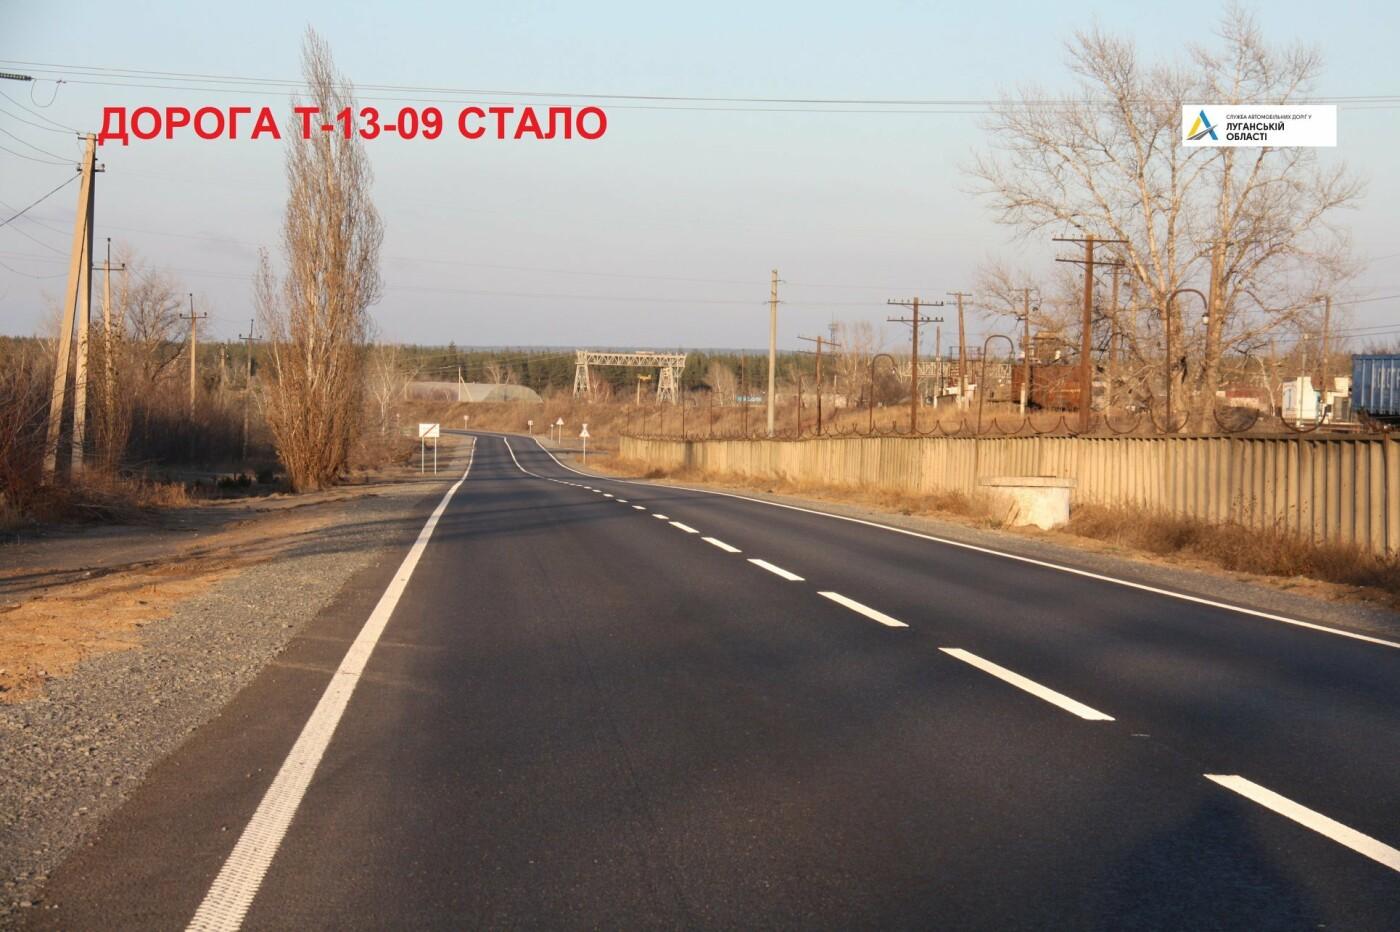 Было - стало. Автодорожники показали результаты ремонта дороги Северодонецк-Станица-Луганская, фото-6